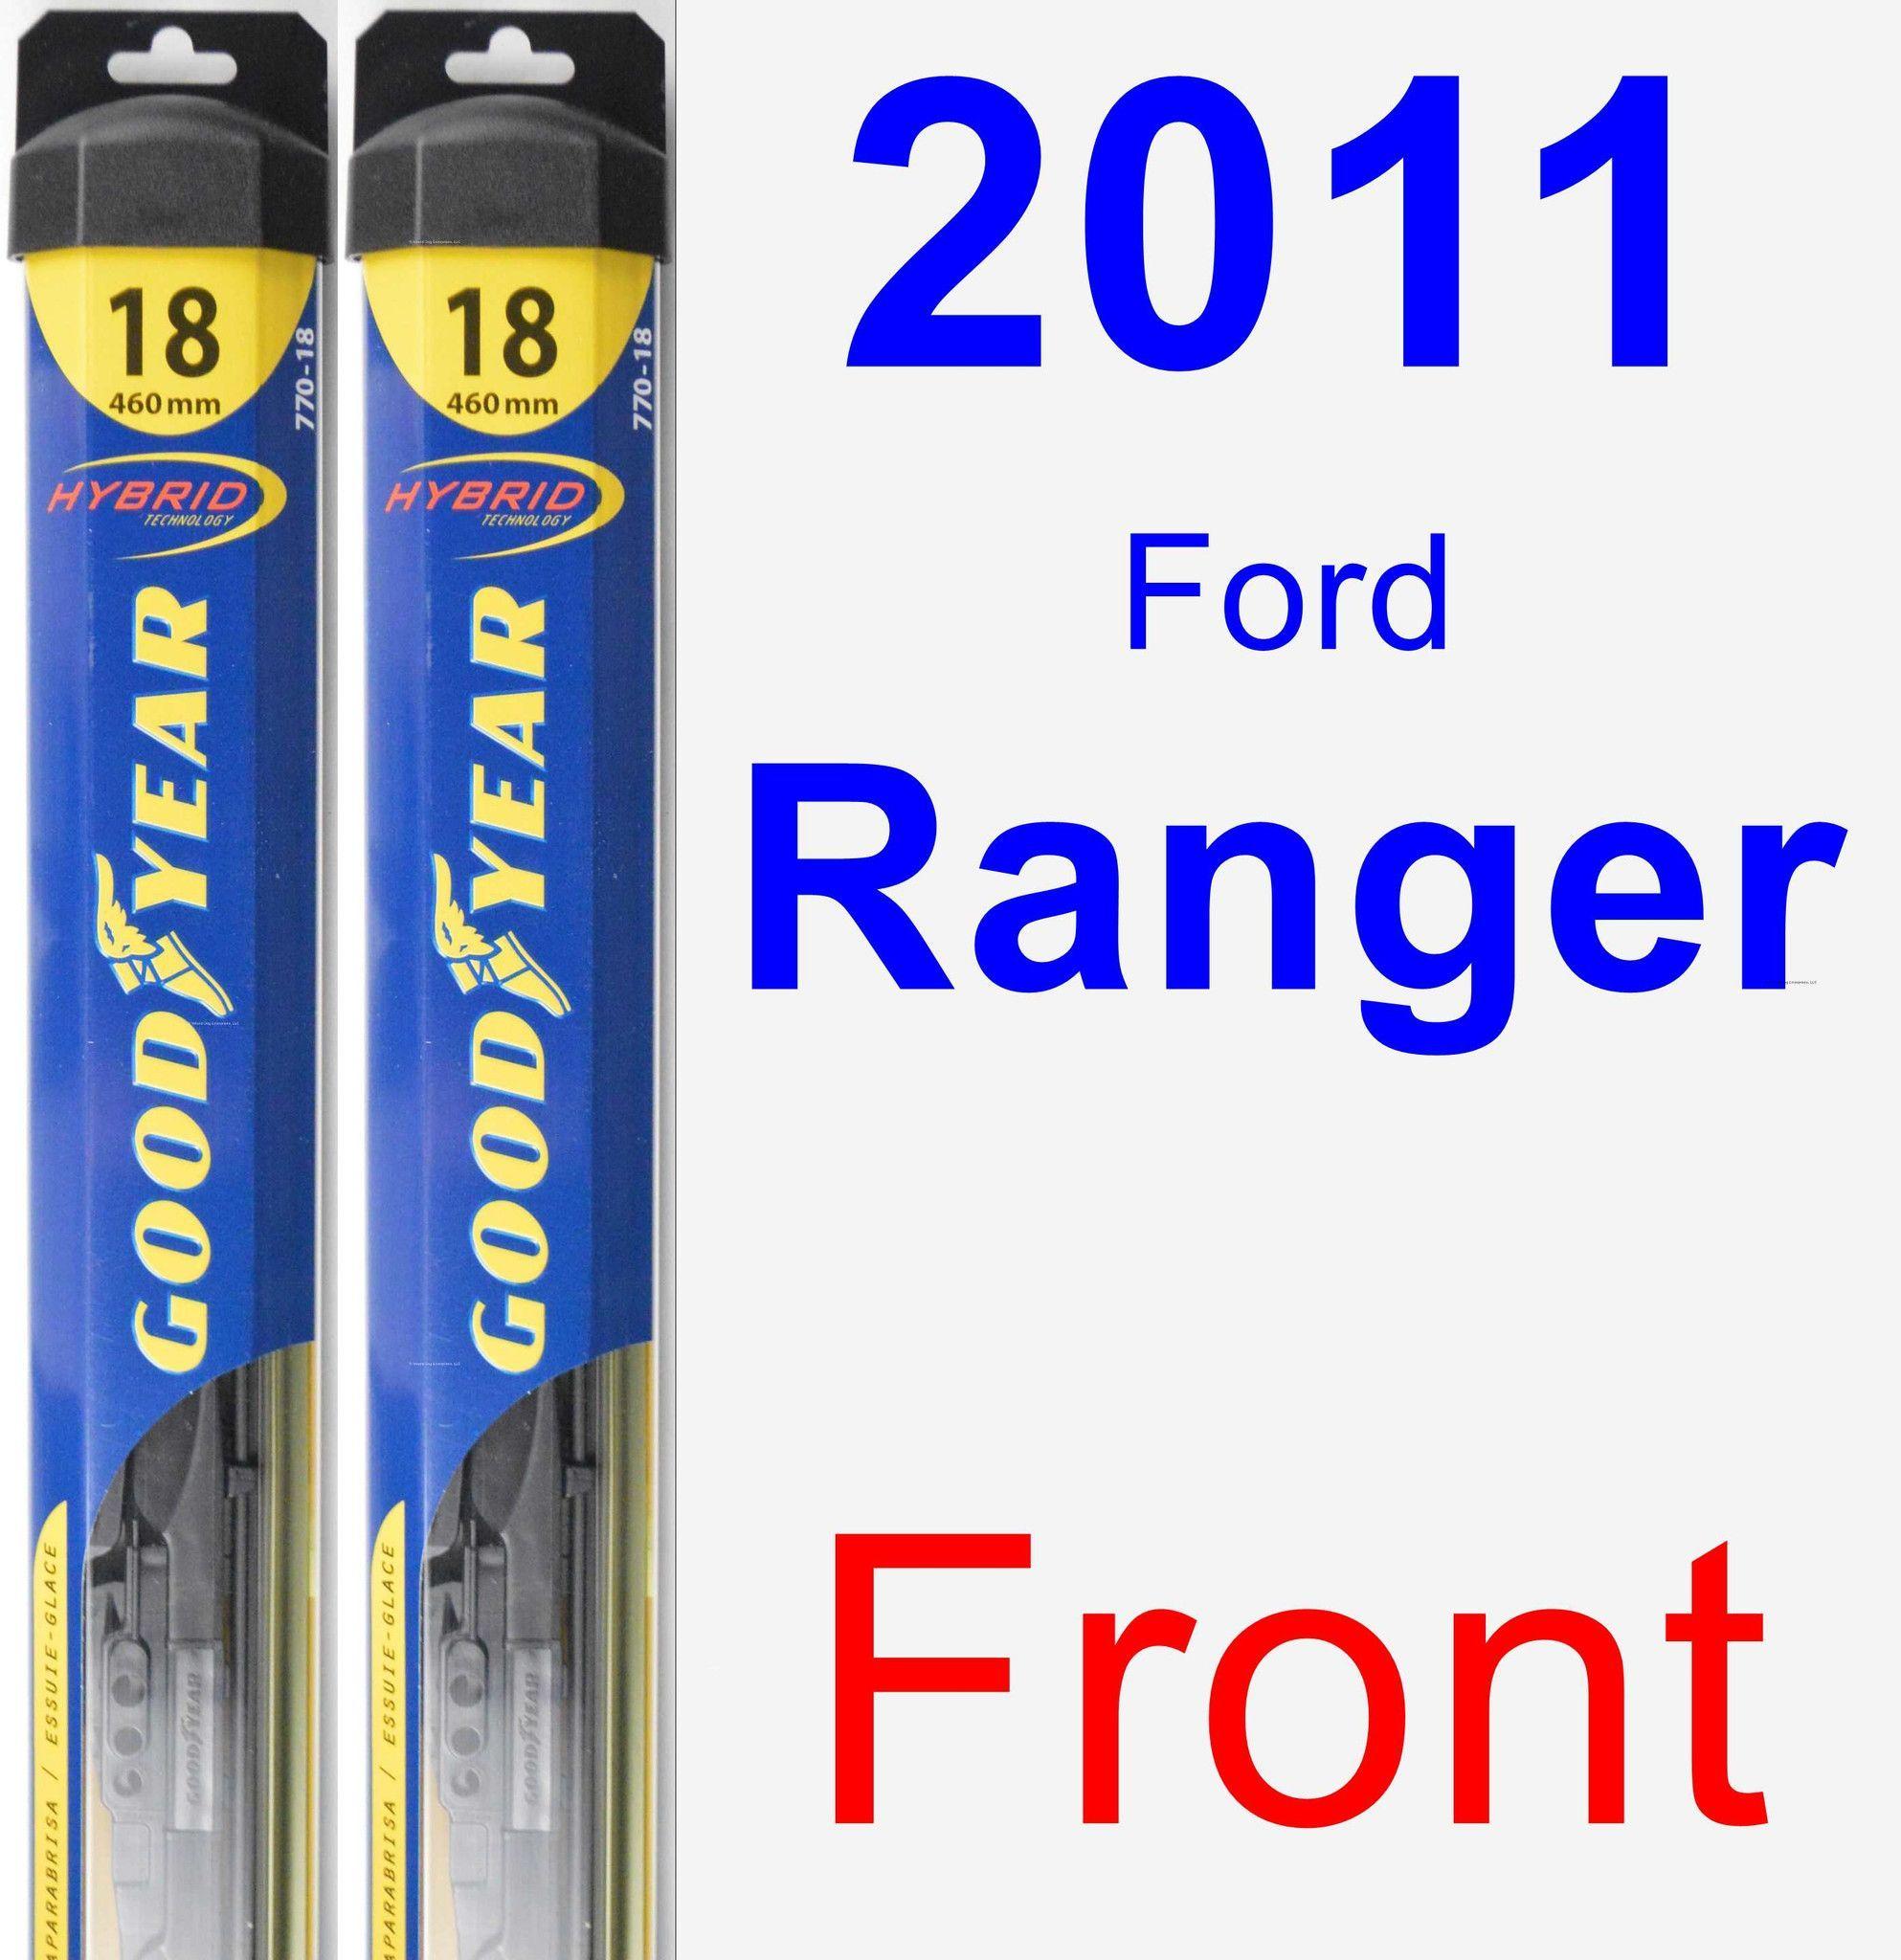 Front wiper blade pack for 2011 ford ranger hybrid